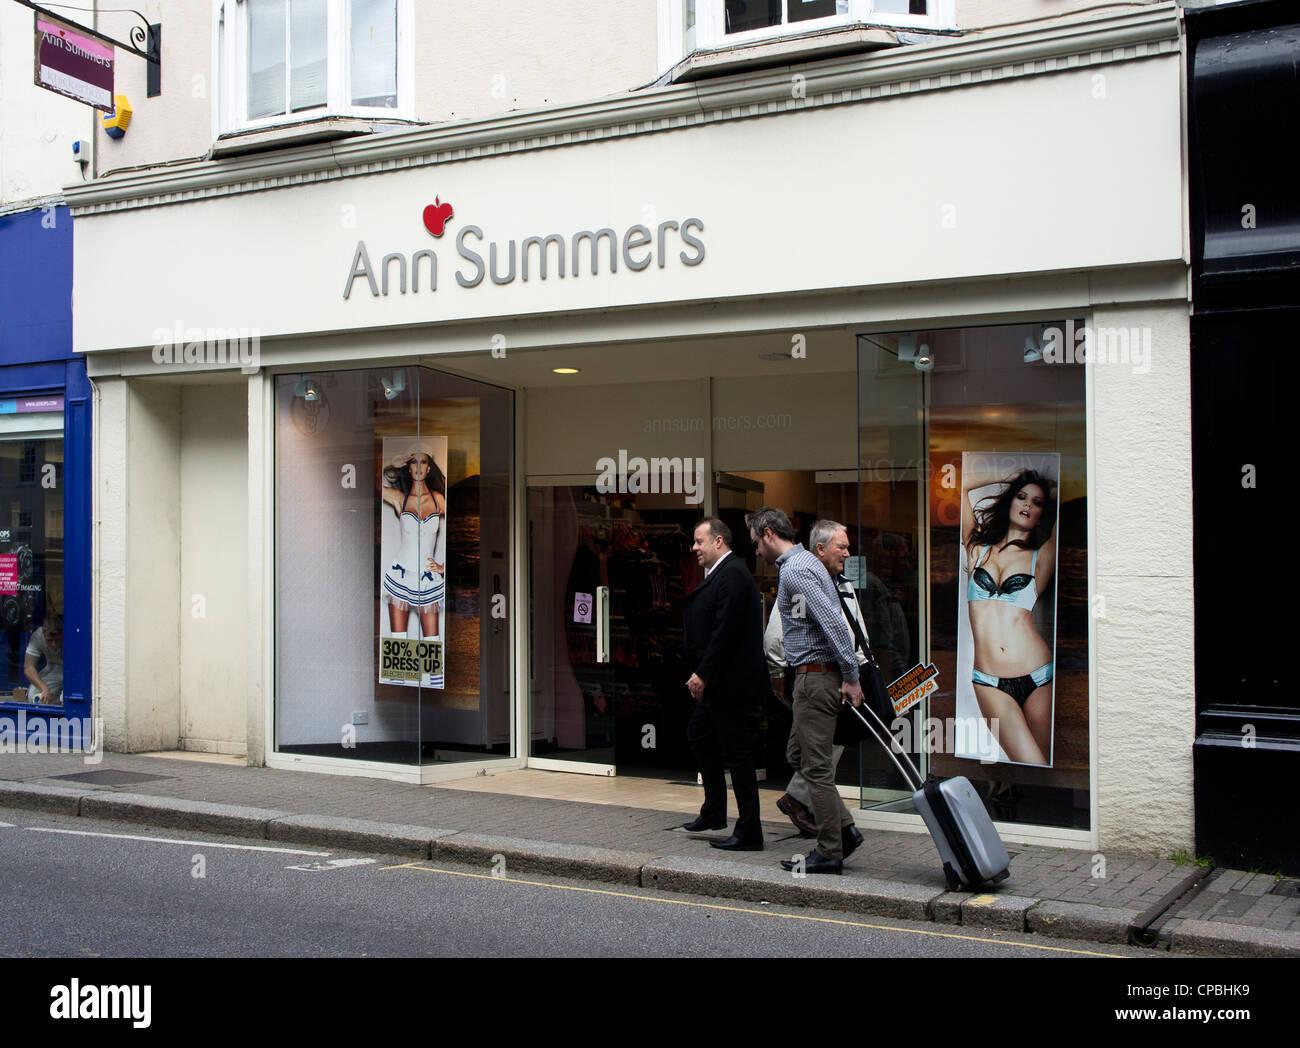 Ann summers manchester market street